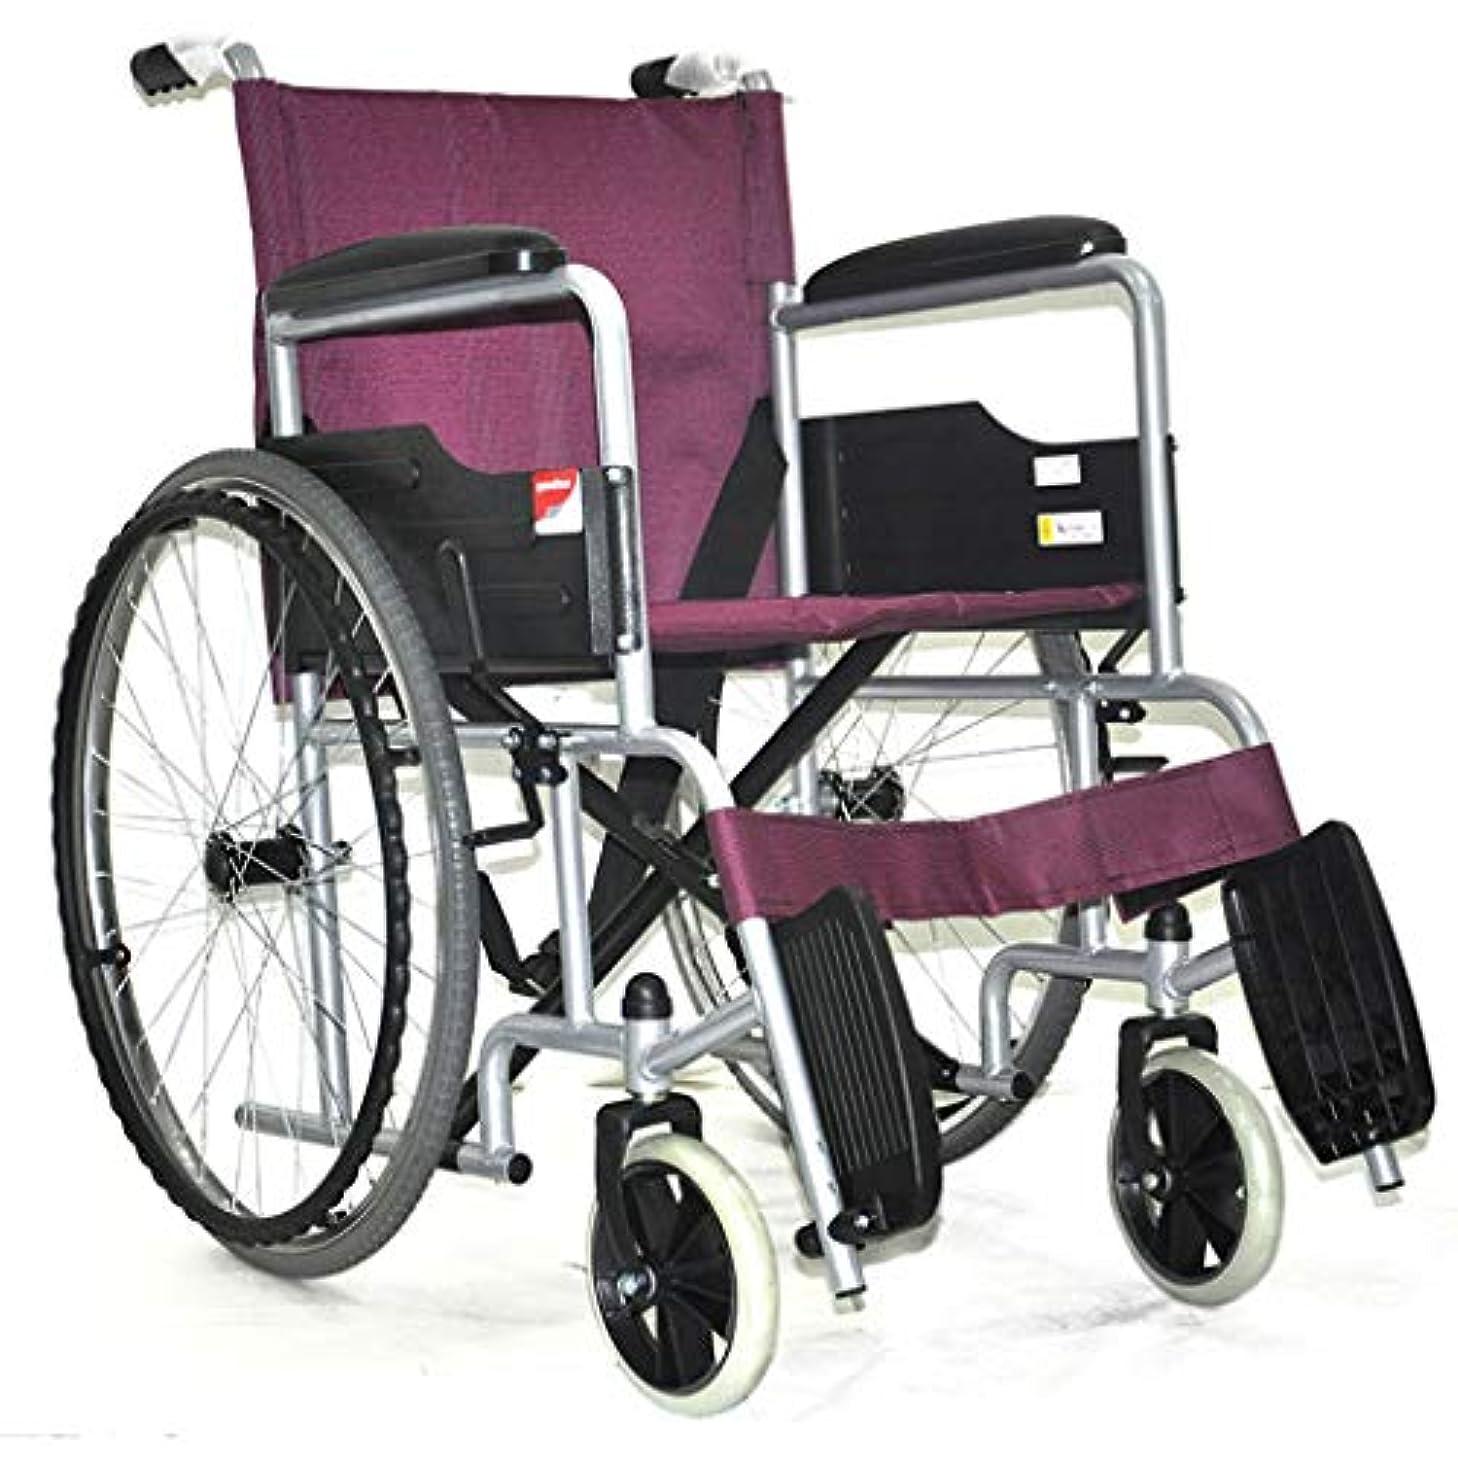 マネージャーオリエントあたり車椅子トロリー折りたたみライトポータブル、高齢者障害者屋外旅行車椅子